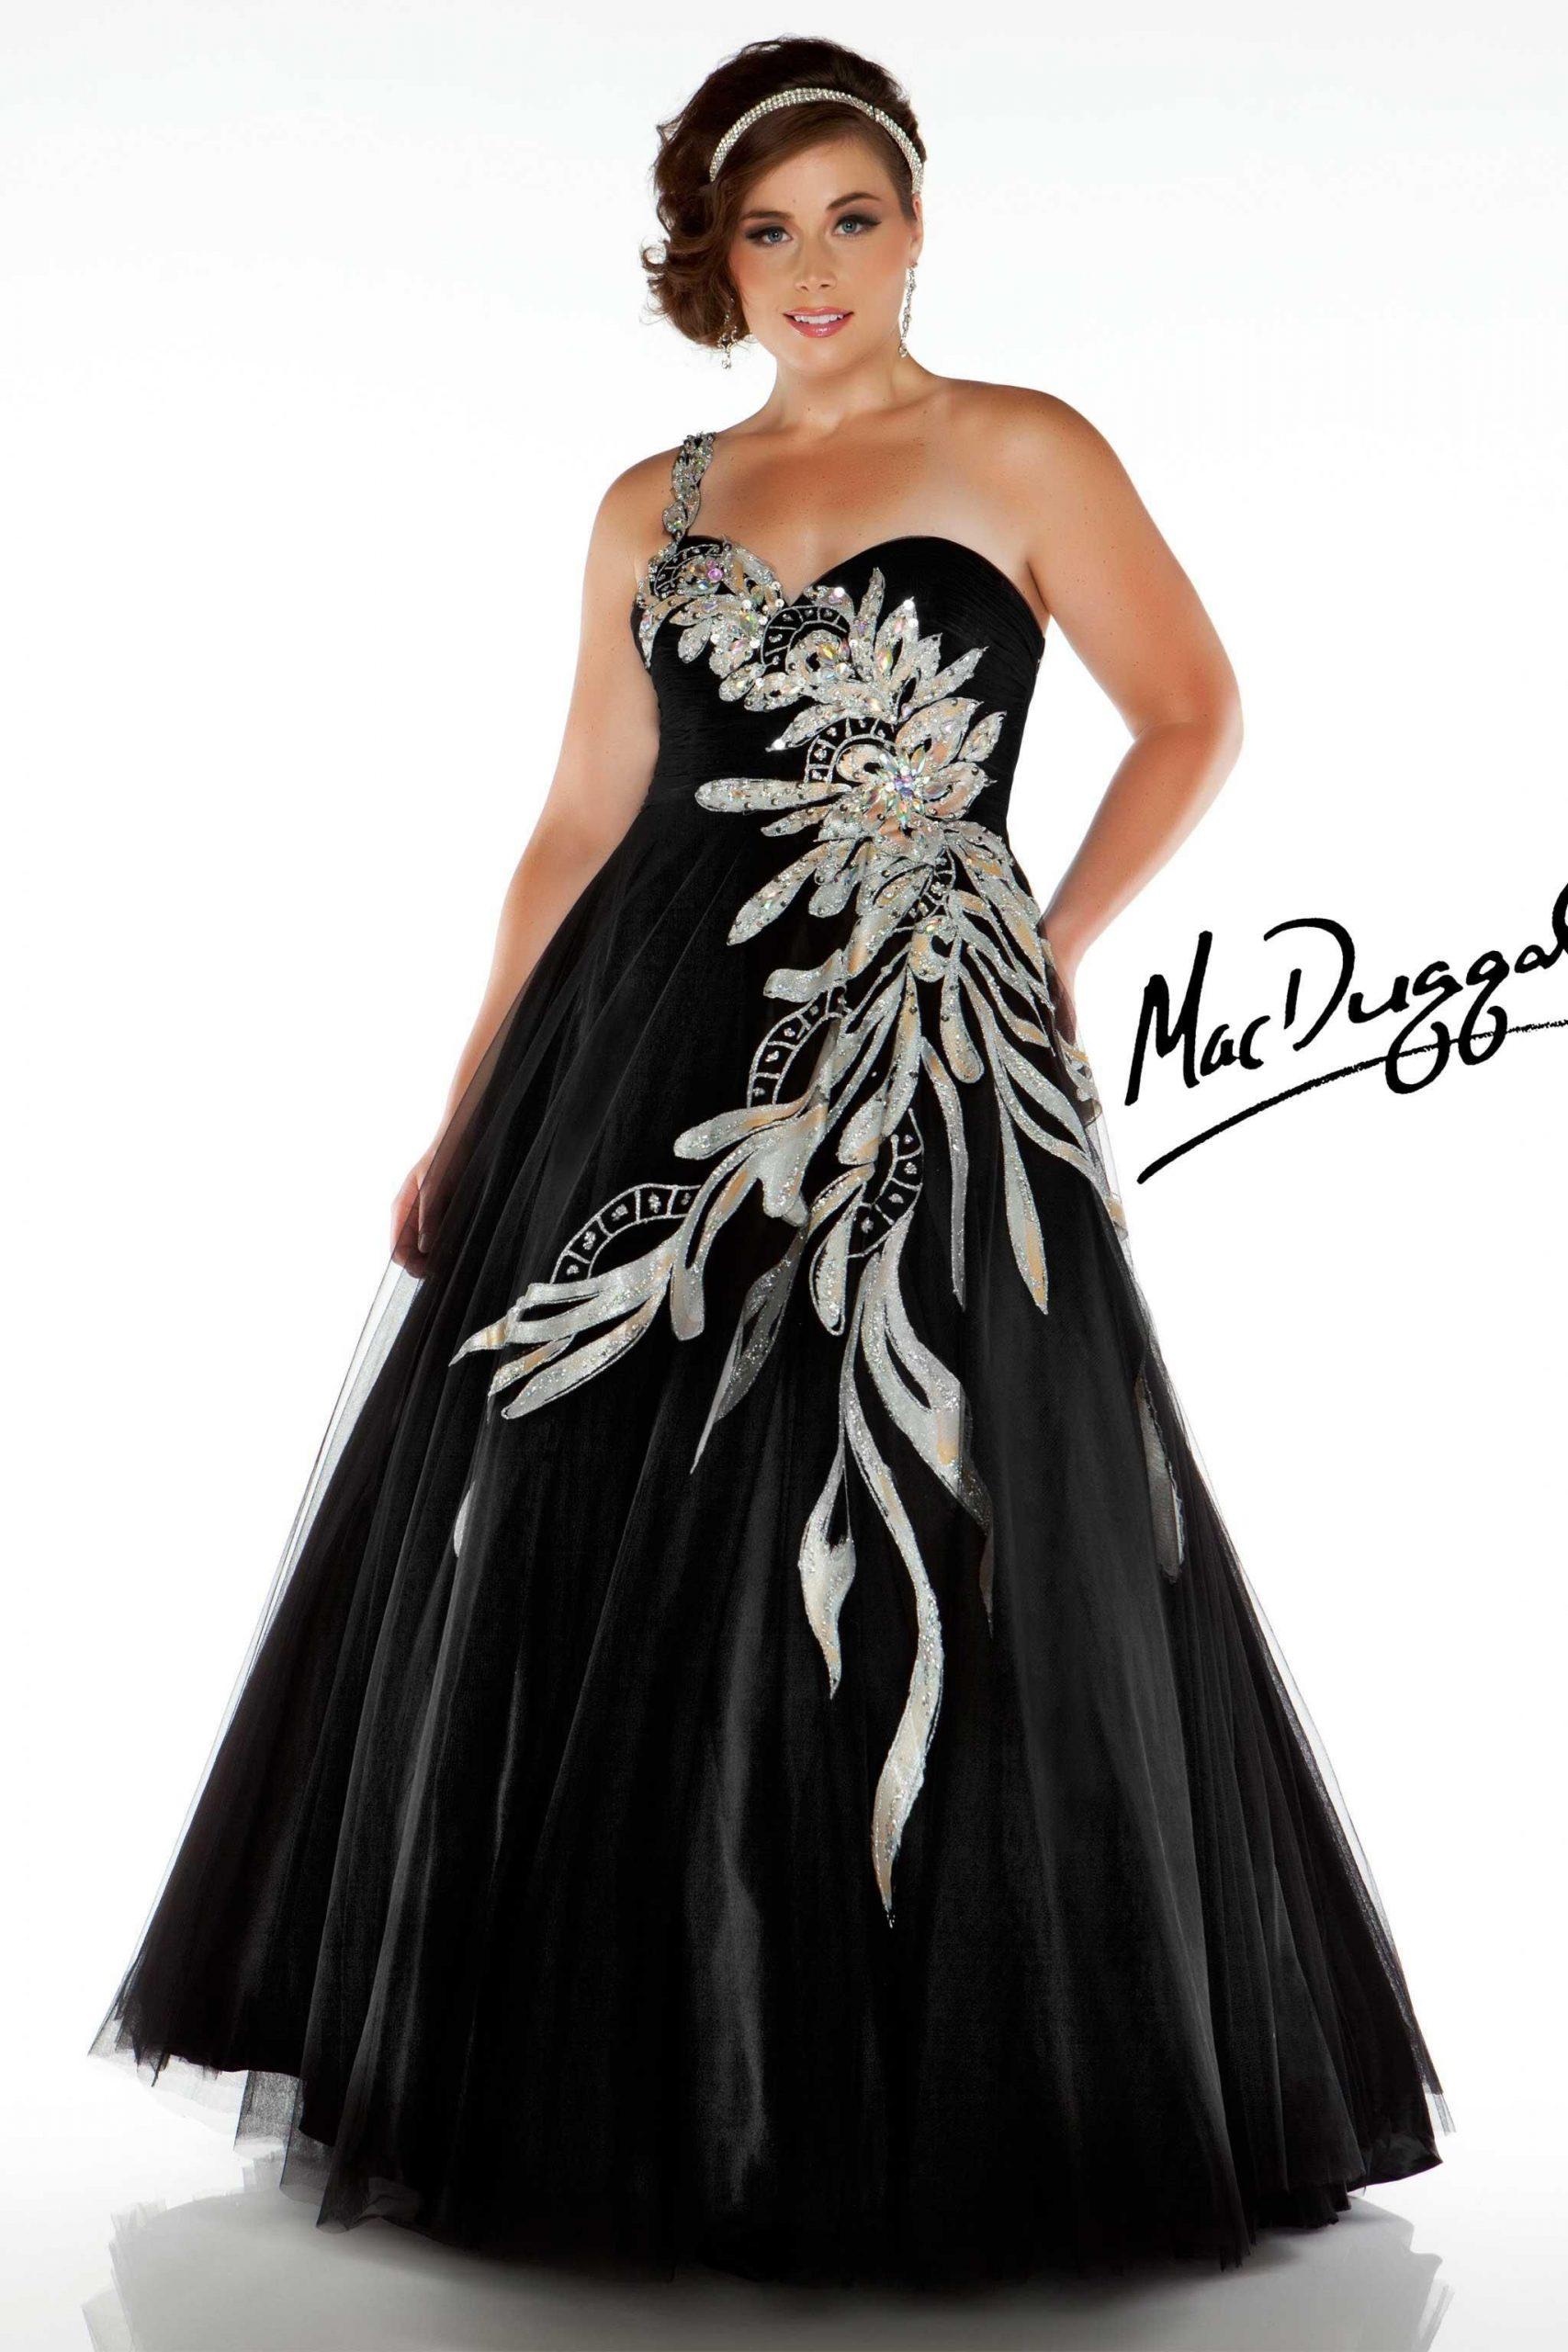 10 Erstaunlich Abendkleider Xxl Damen Galerie17 Leicht Abendkleider Xxl Damen Stylish